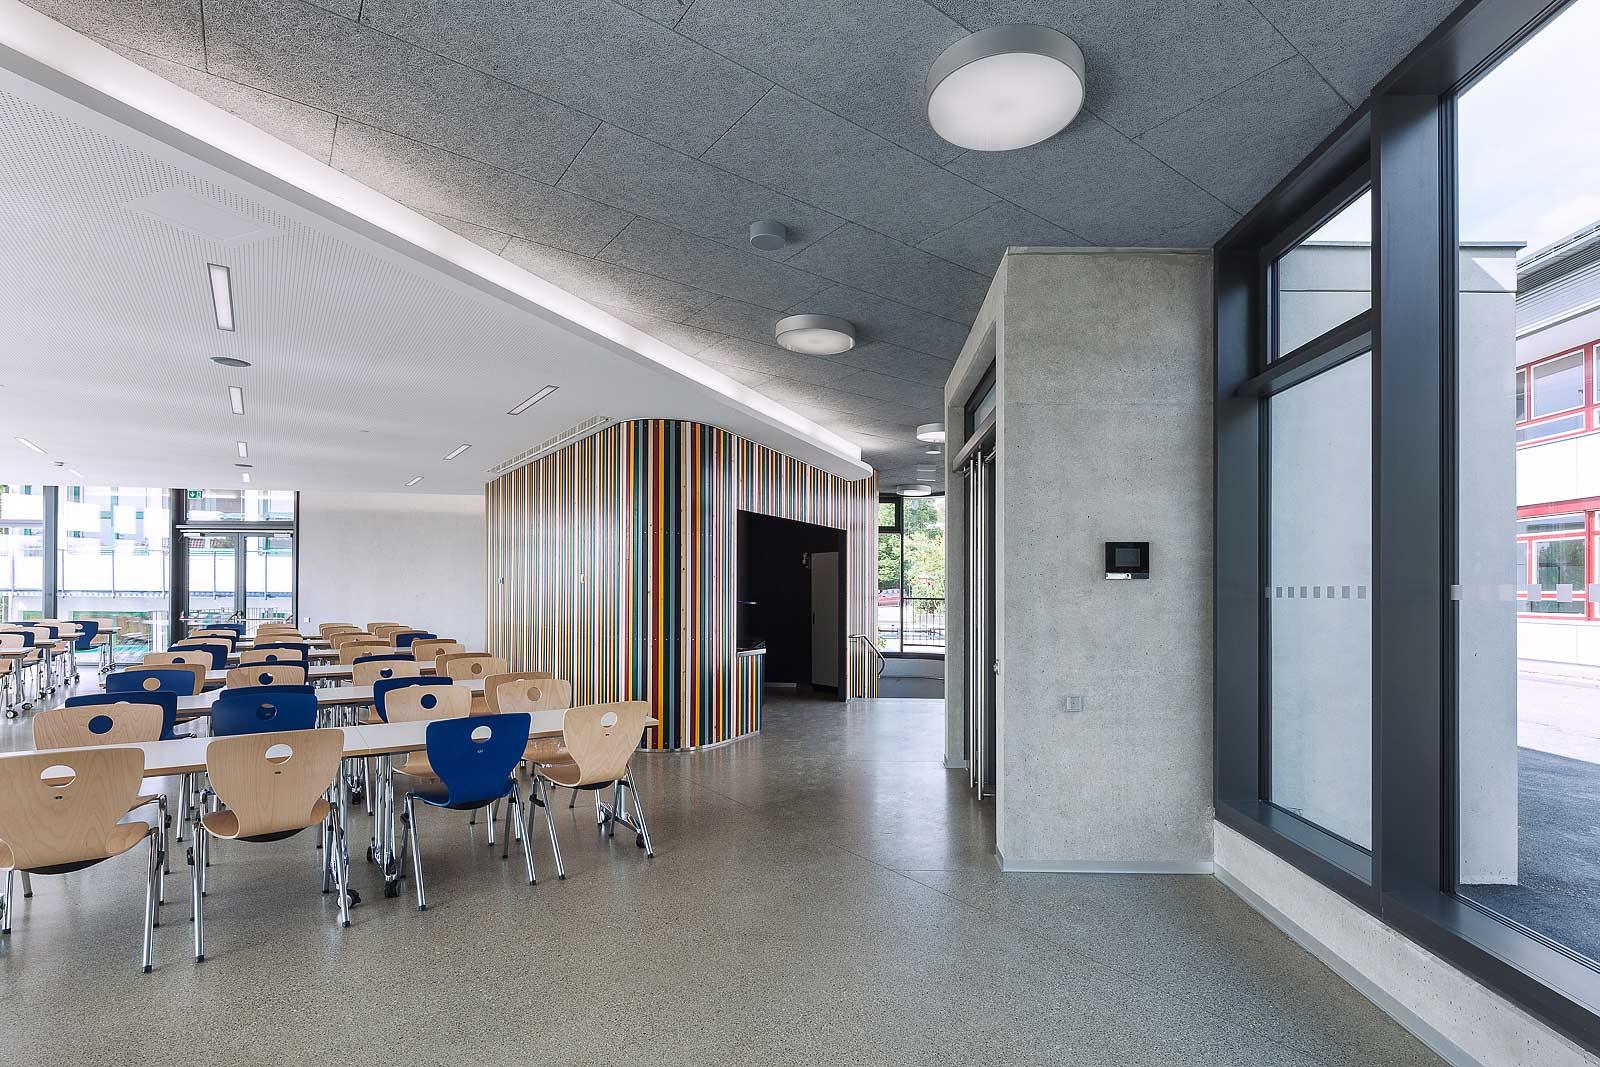 München Architekturfotograf, Architekturfoto von einem spezialisierten Fotograf, Innenraum Foto